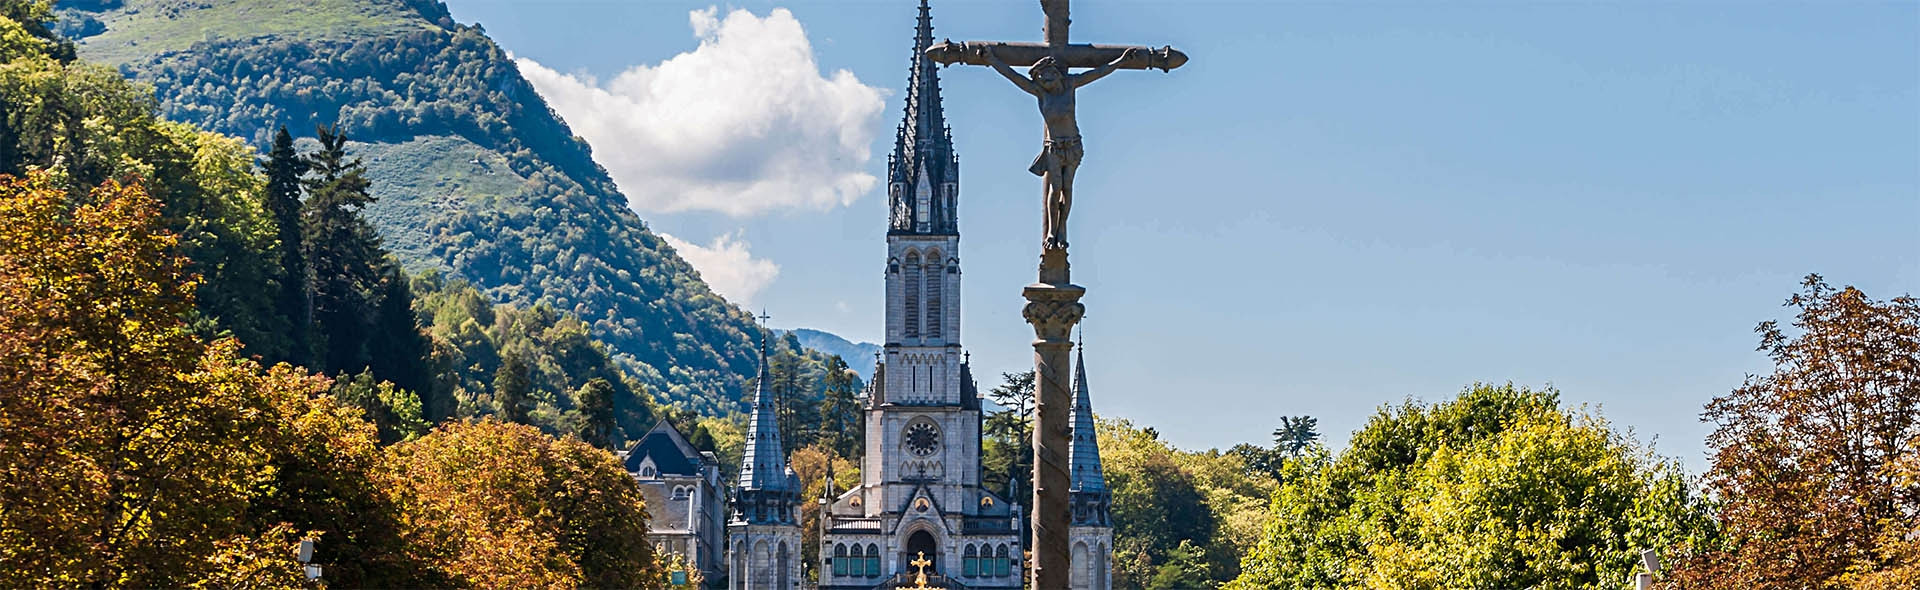 Pellegrinaggio a Lourdes dal Nord in Pullman Giugno